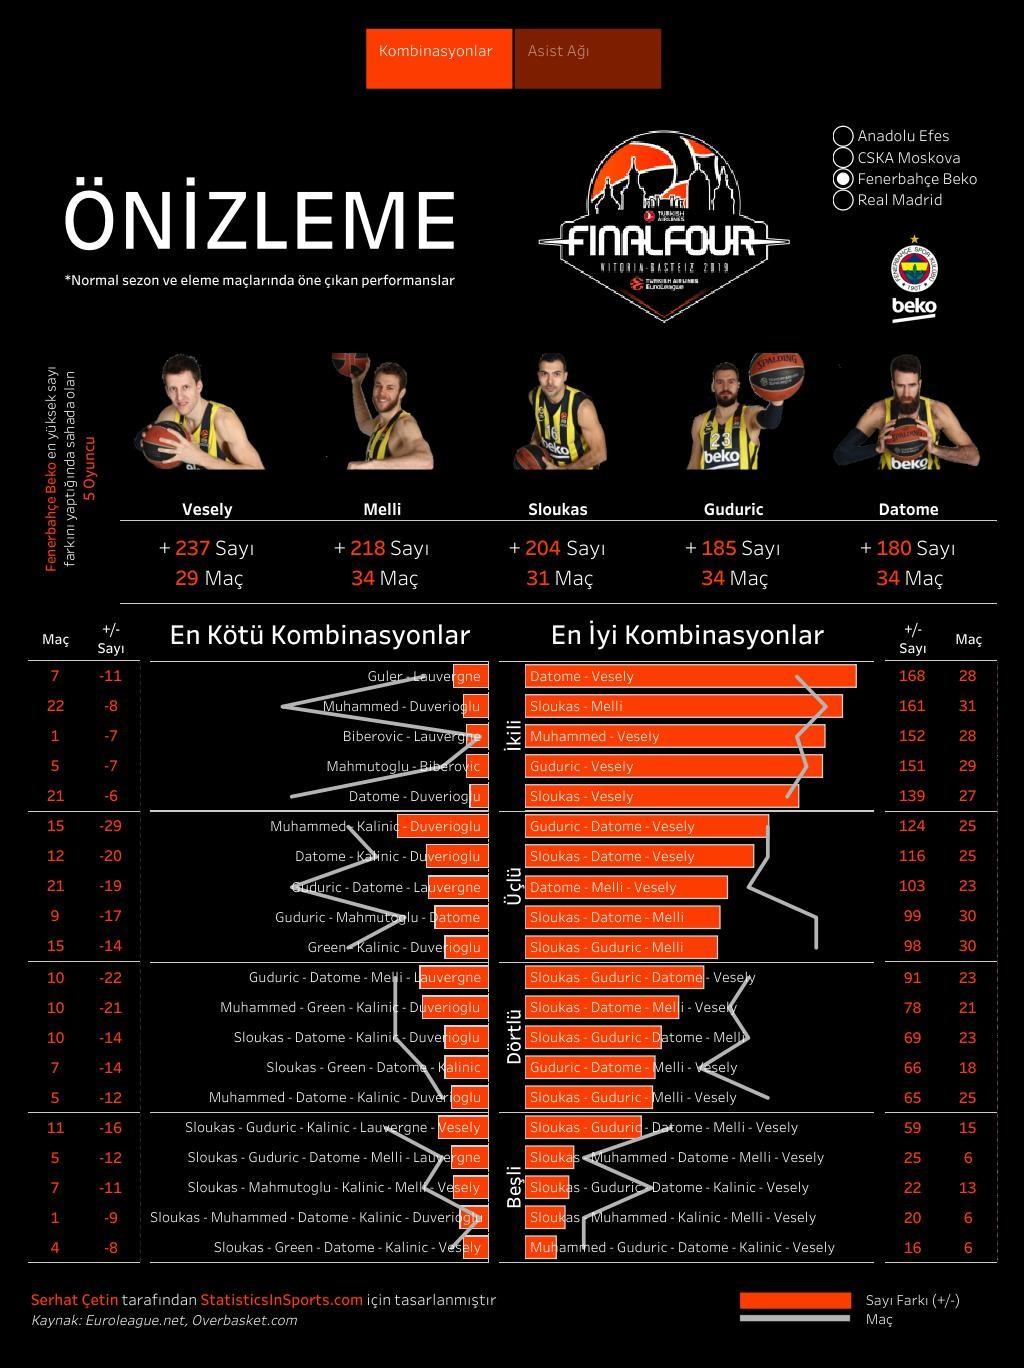 Fenerbahçe Beko'nun EuroLeague oyuncu kombinasyonları (İstatistik ve Görsel: Serhat Çetin)